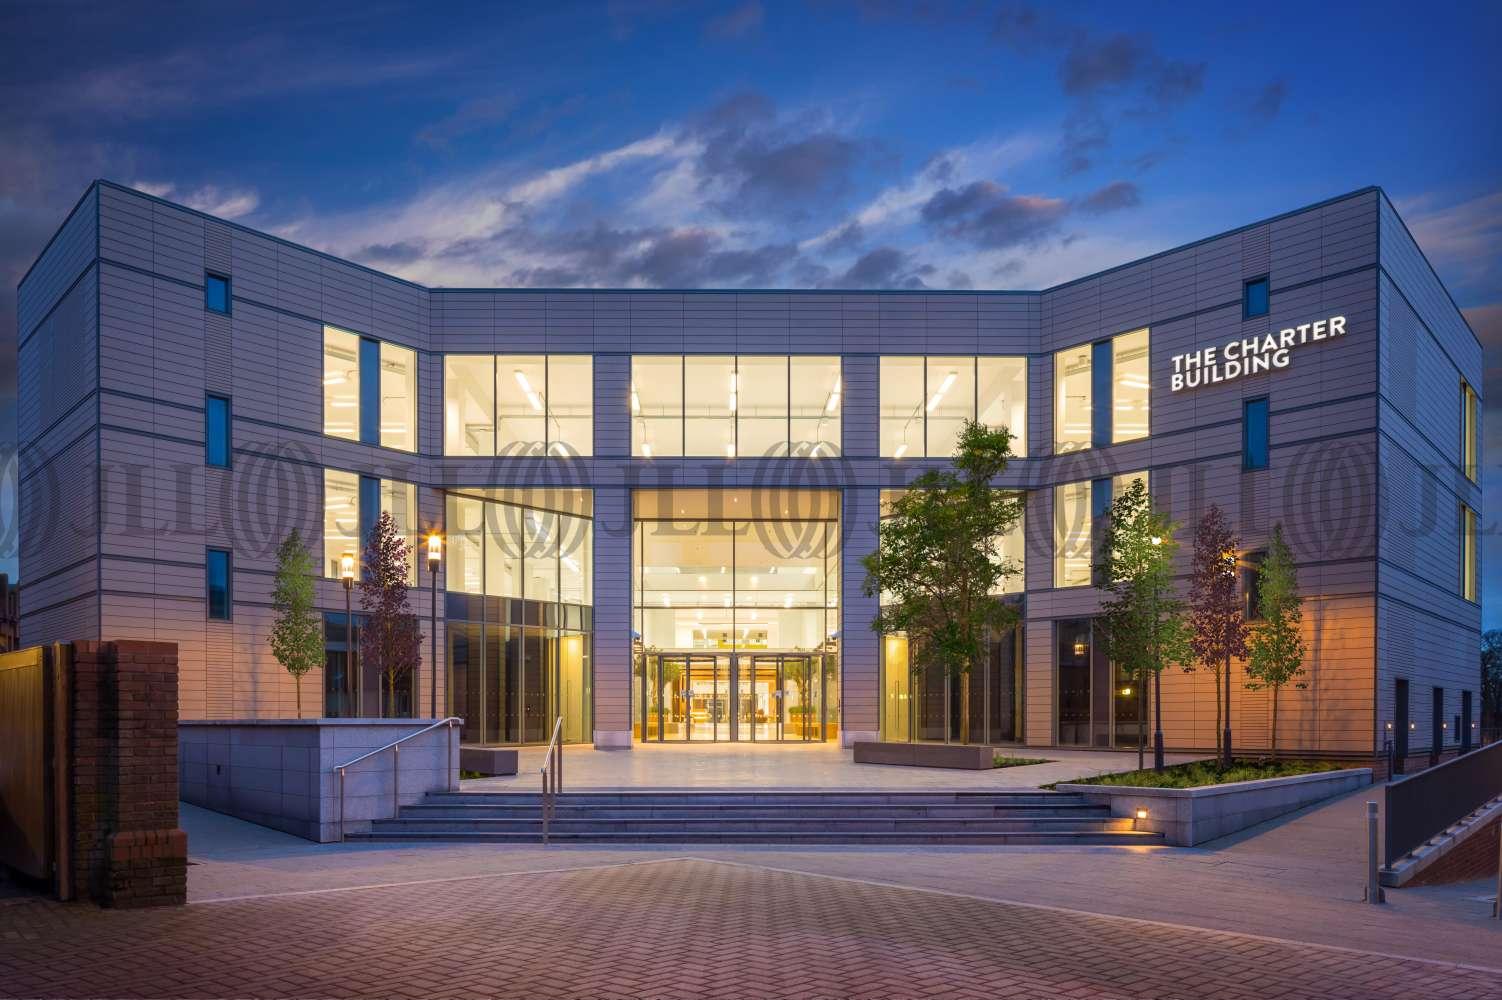 Office Uxbridge, UB8 1JG - The Charter Building - 135